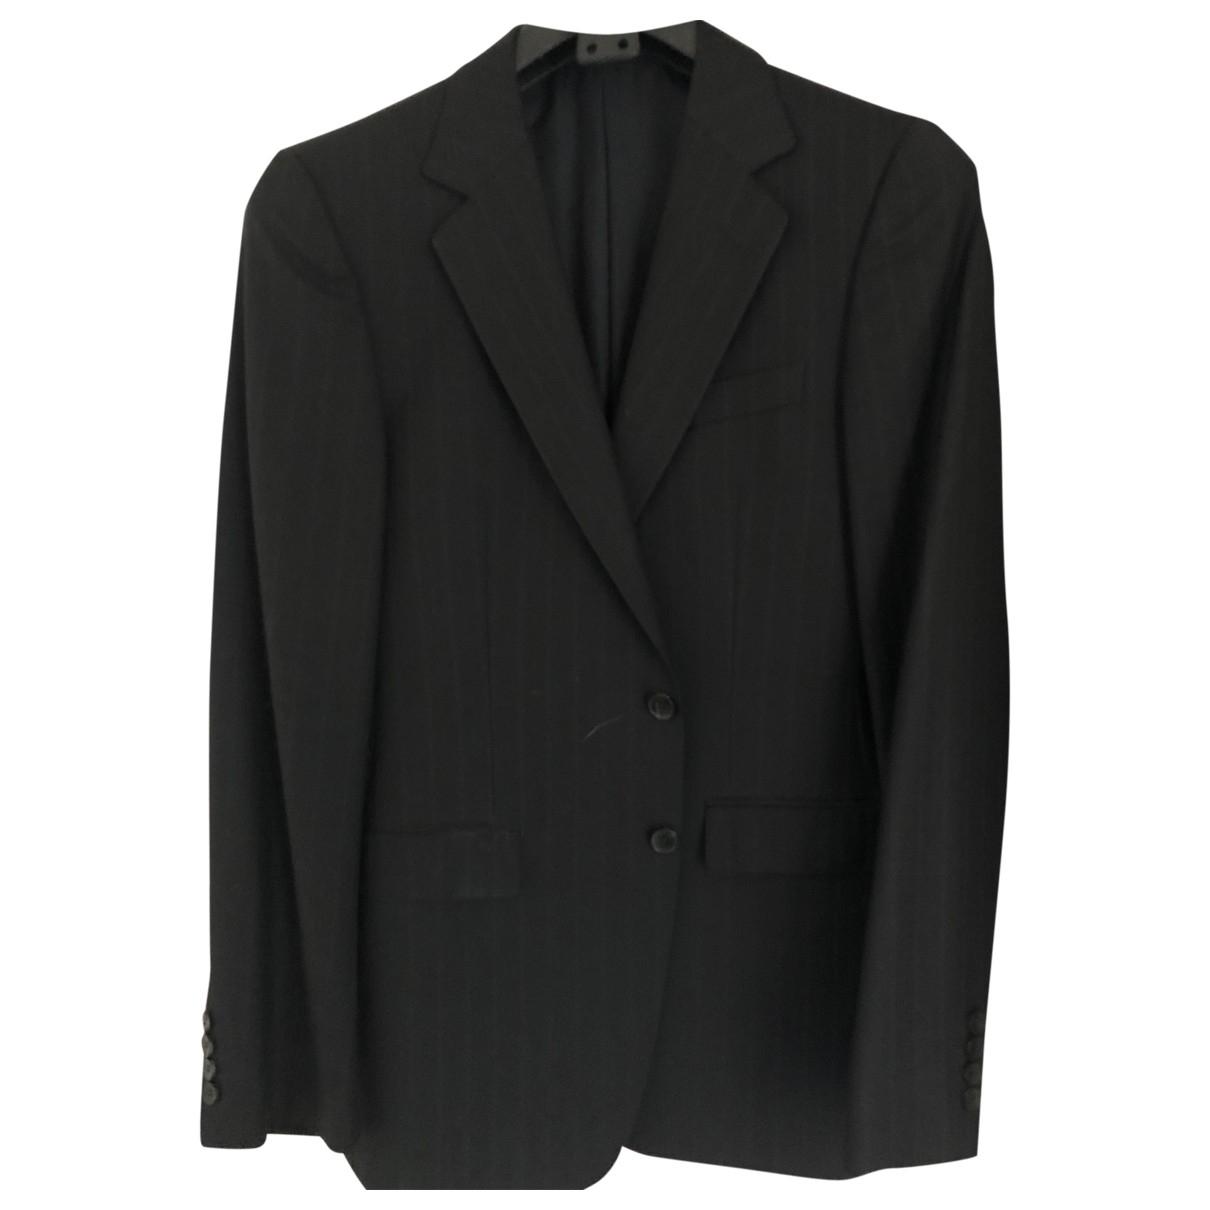 Gucci - Vestes.Blousons   pour homme en laine - noir